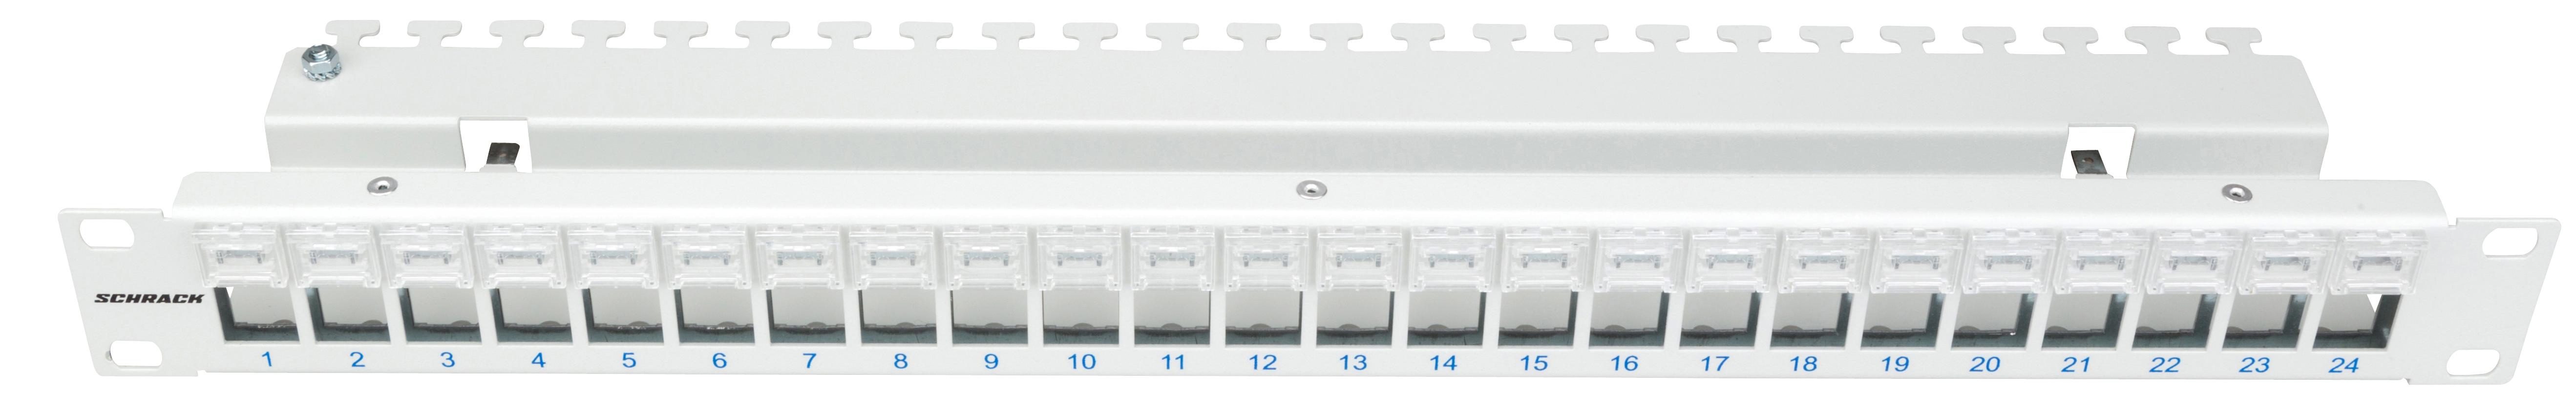 1 Stk Patchpanel 19 für 24 Module (SFA)(SFB), Beschriftungsfelder HSER0240GZ